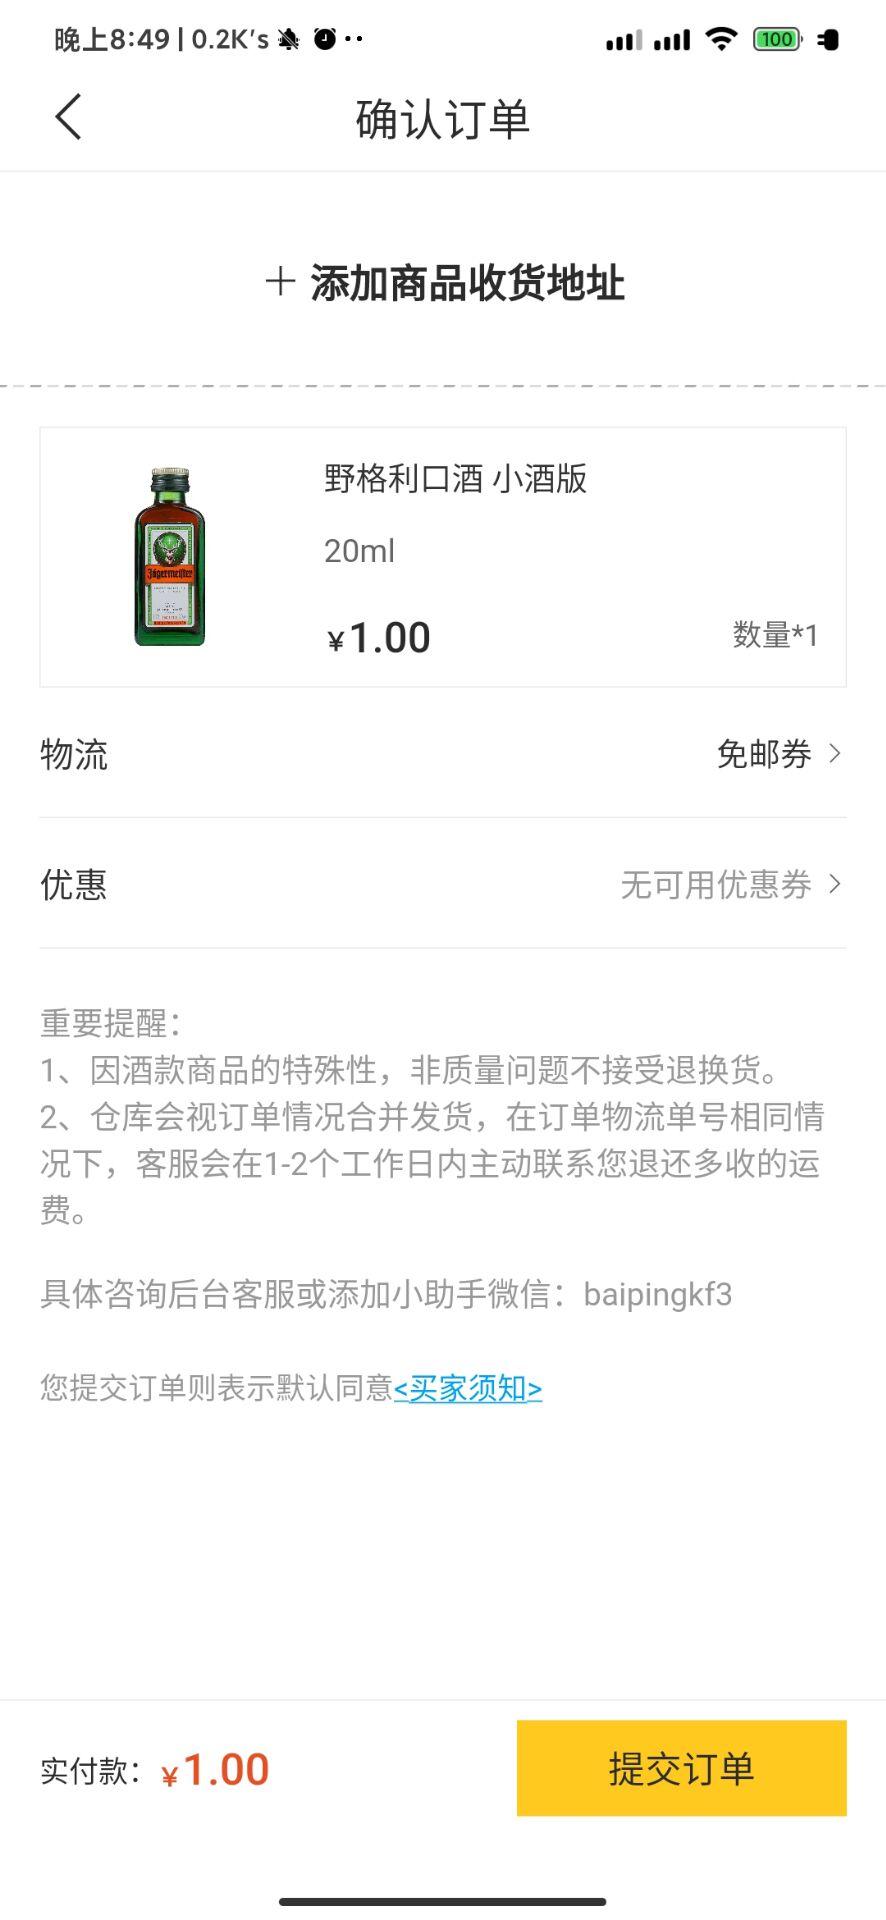 百瓶APP1元购酒插图4